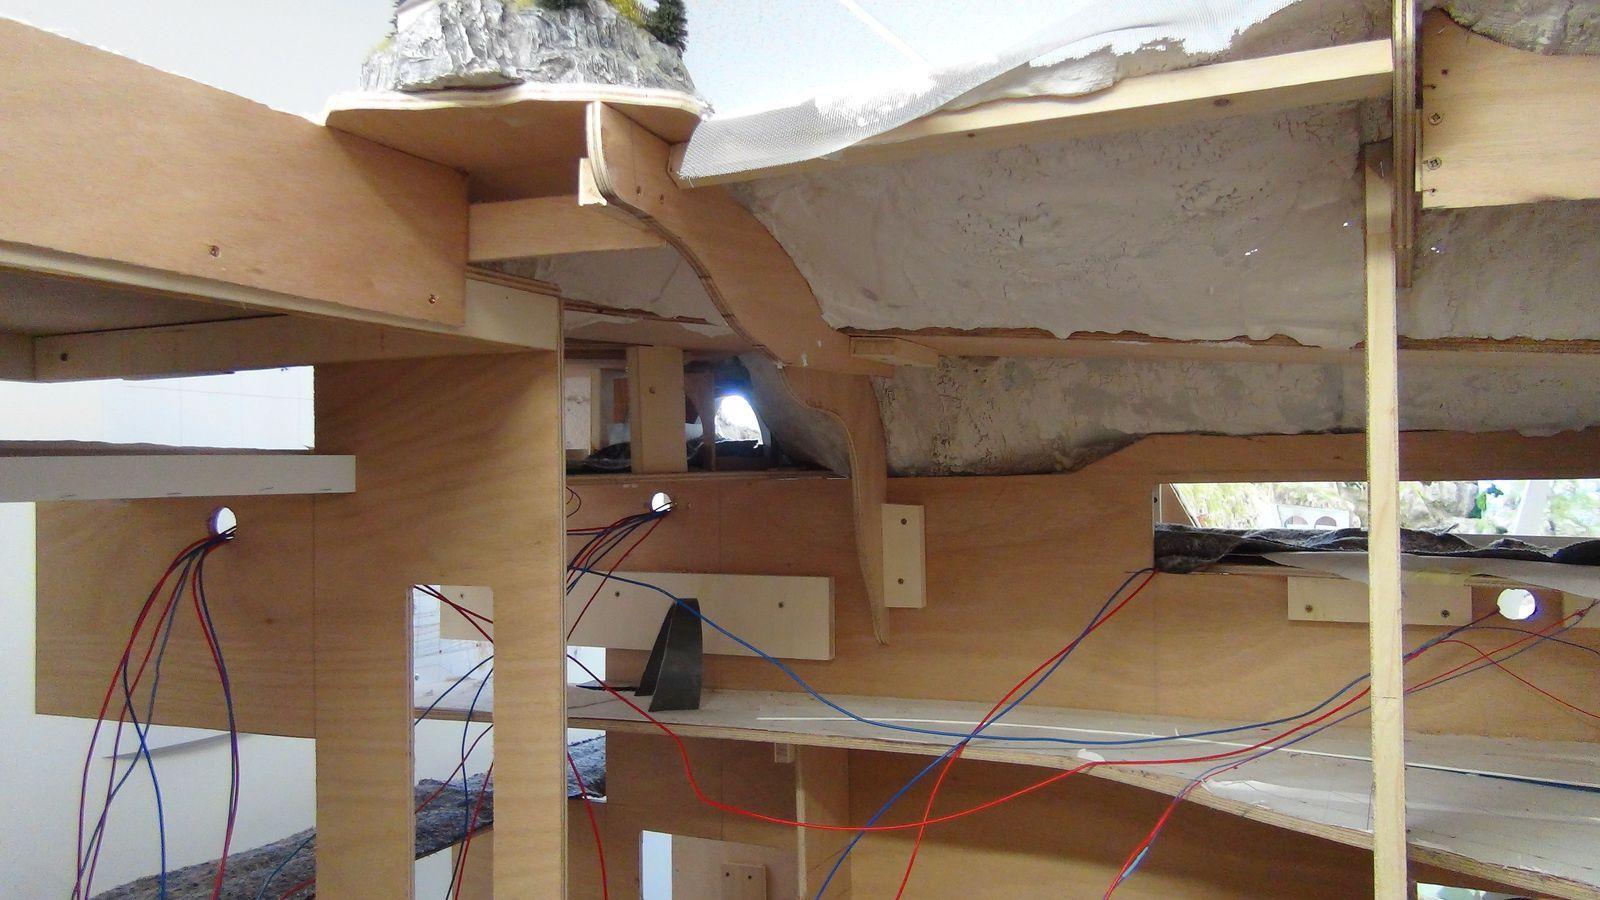 Vidéo de la construction, semaine du 24 au 28 mars 2014 - Mini World Lyon - Partie 4/4